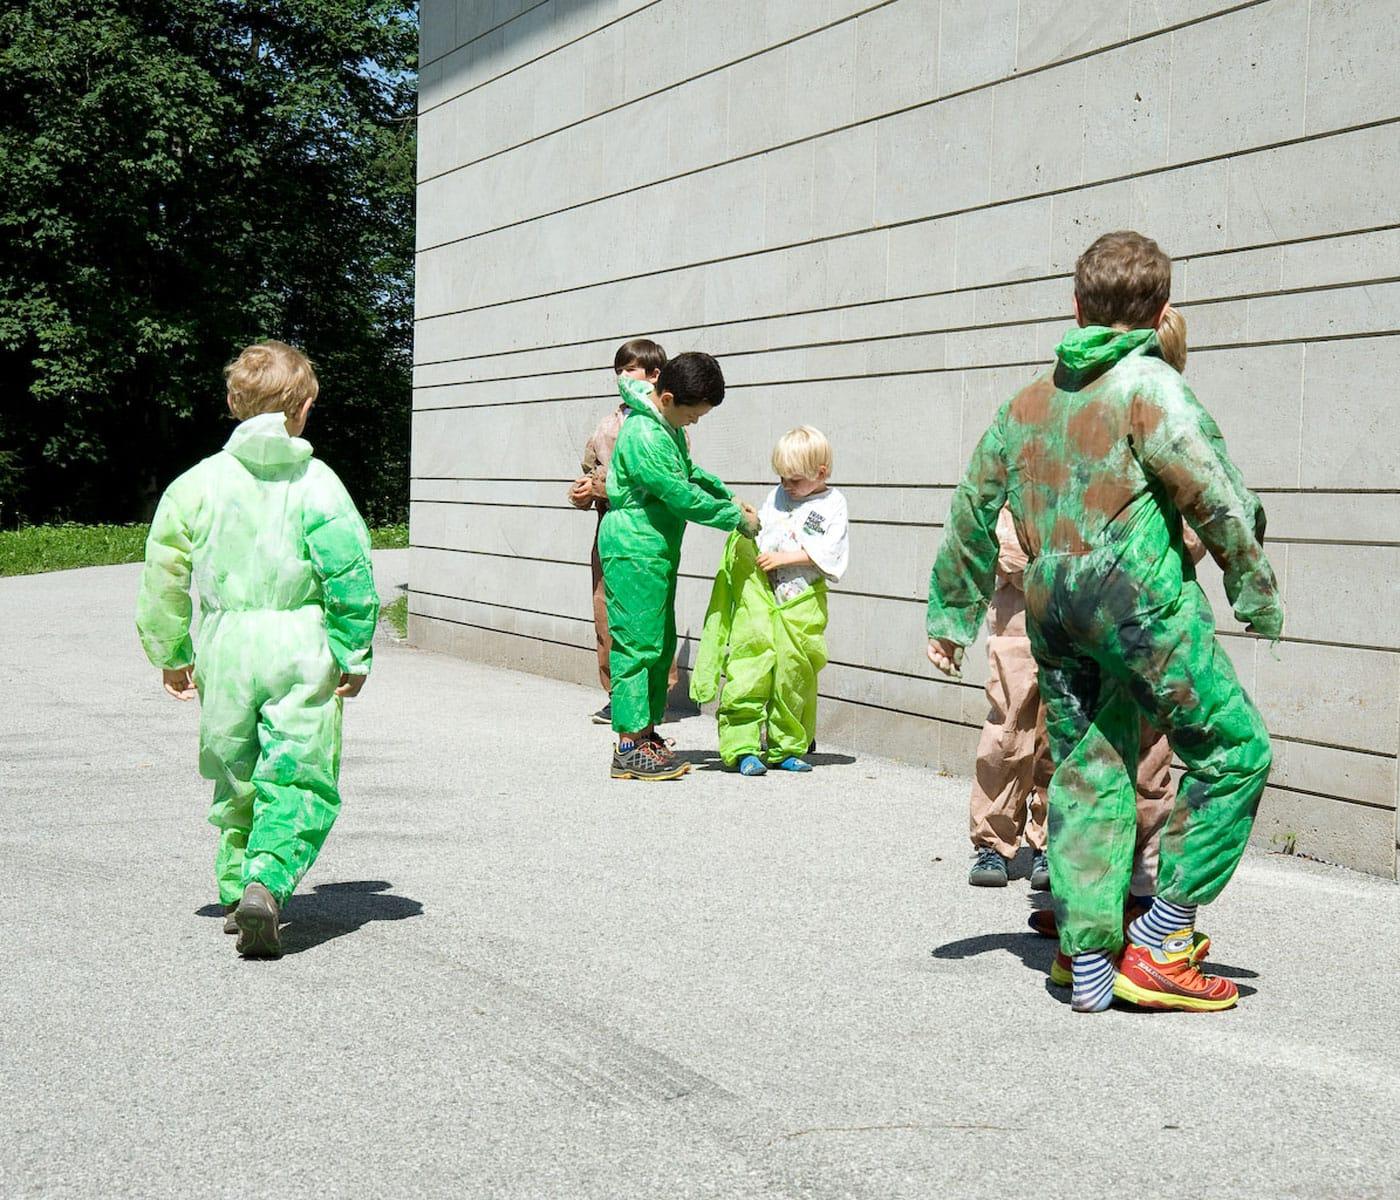 Aktiv am Wochenende: Museum mit spannendem Kreativprogramm und Kunstvermittlung für Kinder: Franz Marc Museum // HIMBEER